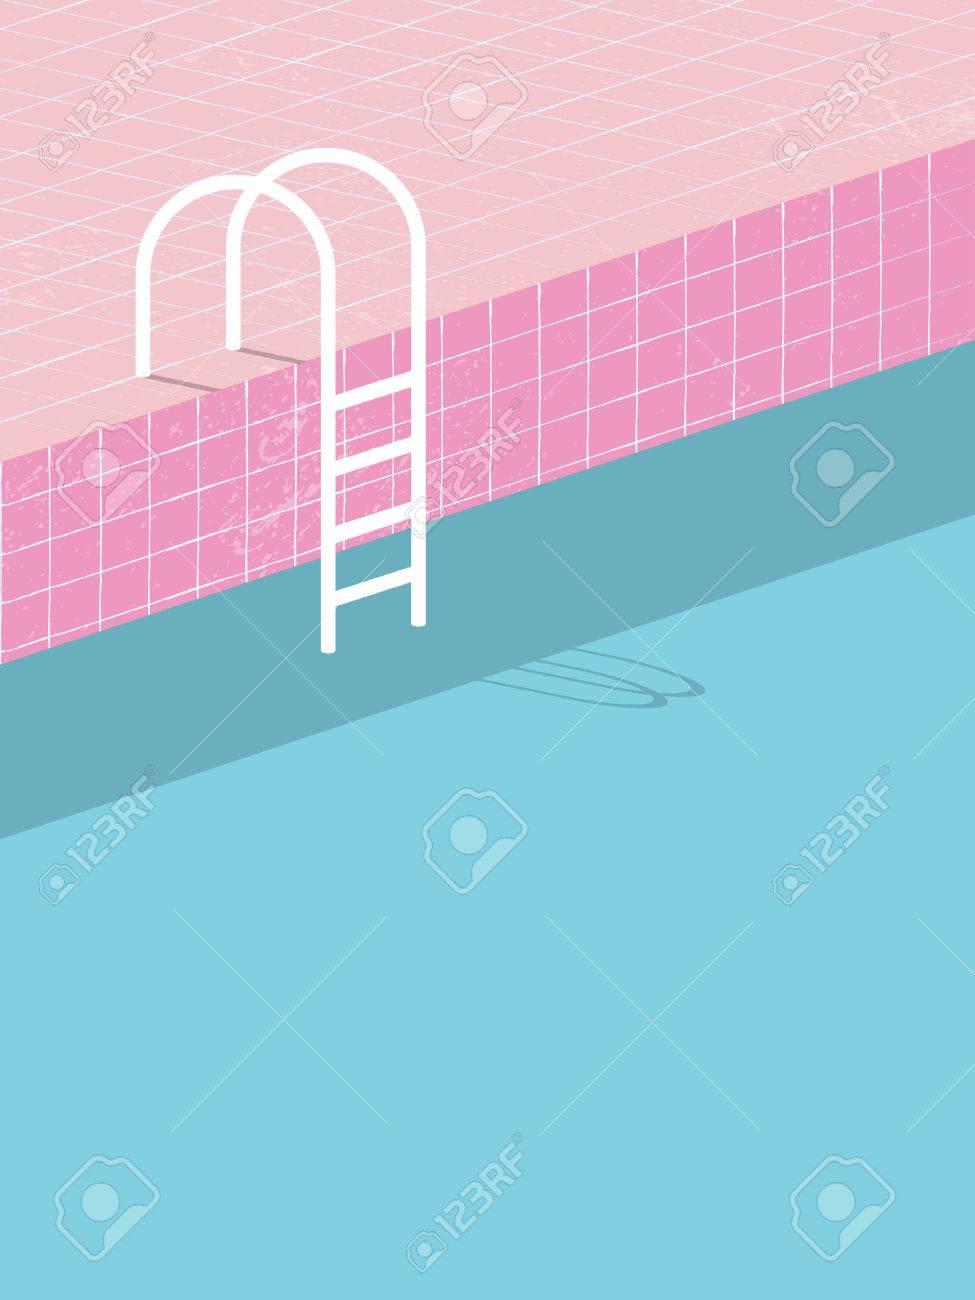 Swimmingpool Im Vintage Stil Alte Retro Rosa Fliesen Und Weissen